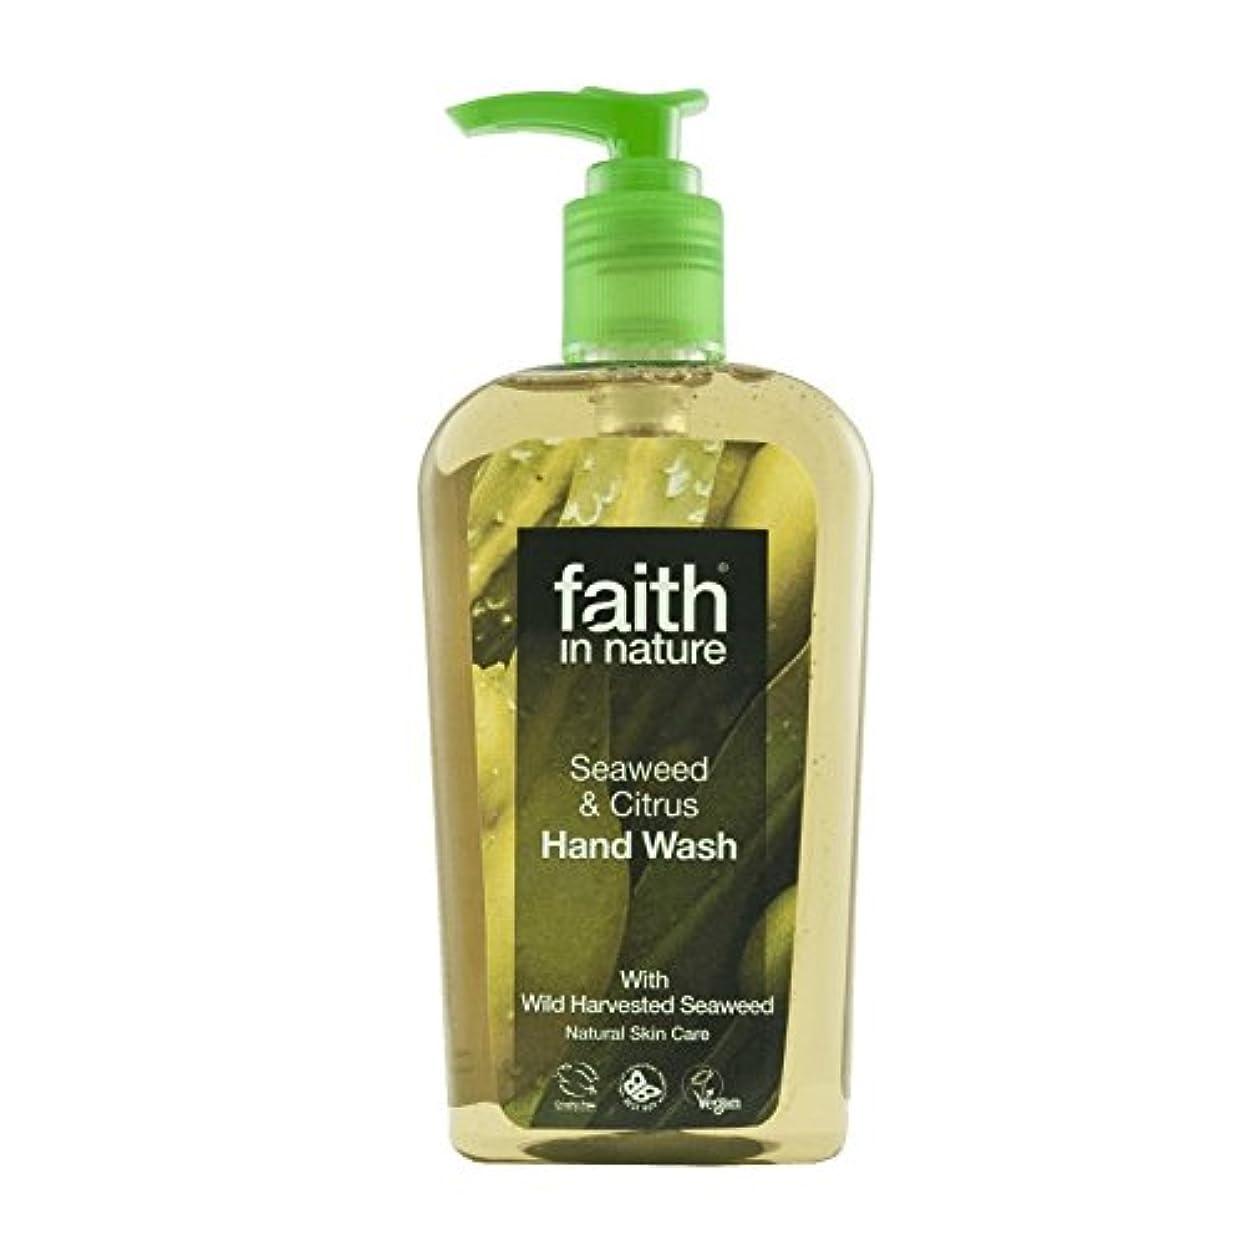 アイザックゴネリル着陸自然海藻手洗いの300ミリリットルの信仰 - Faith In Nature Seaweed Handwash 300ml (Faith in Nature) [並行輸入品]